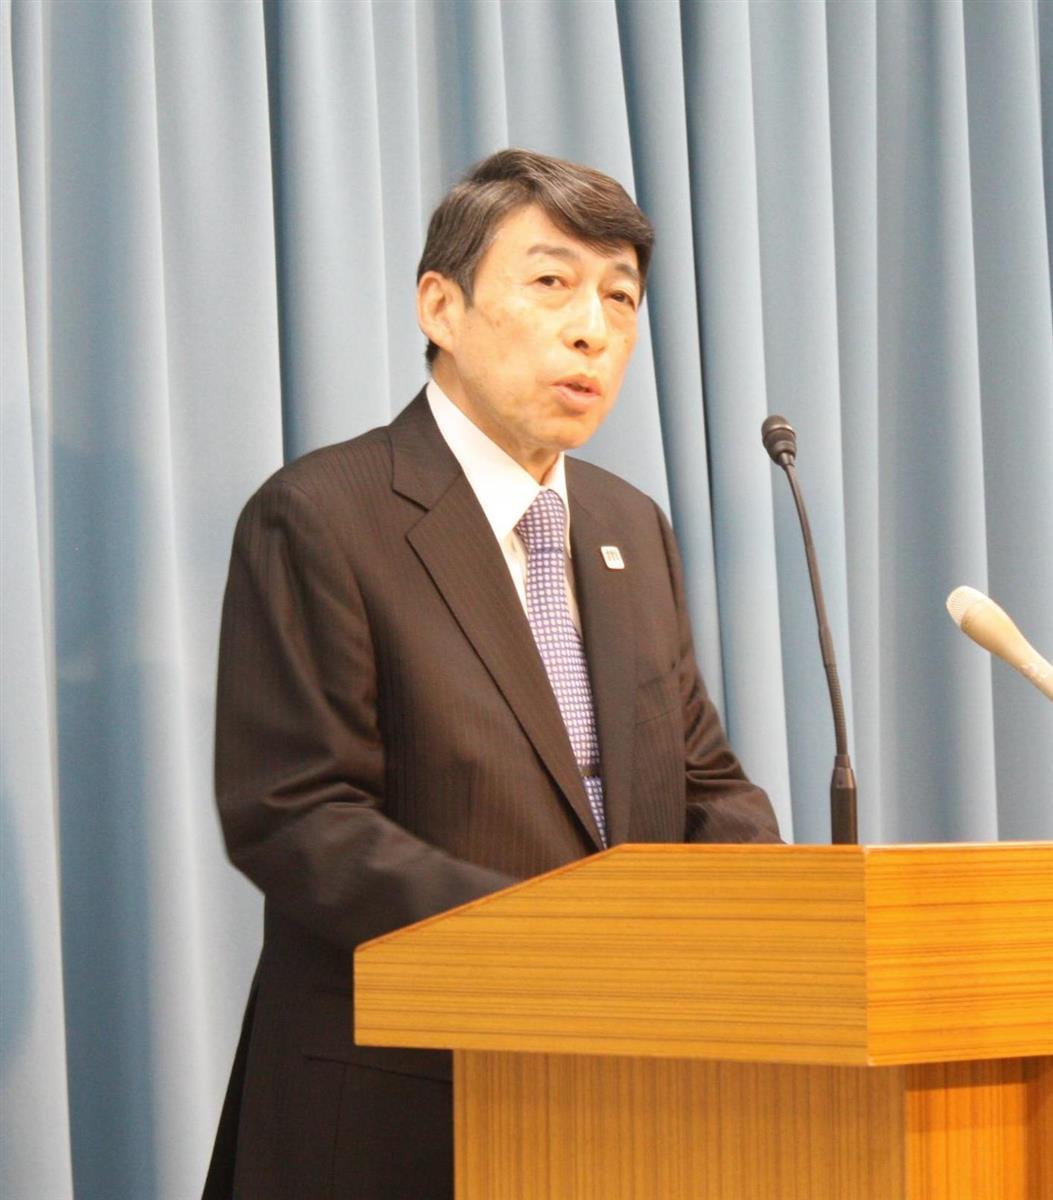 臨時記者会見で、小川洋知事の病状などを説明する福岡県の服部誠太郎副知事